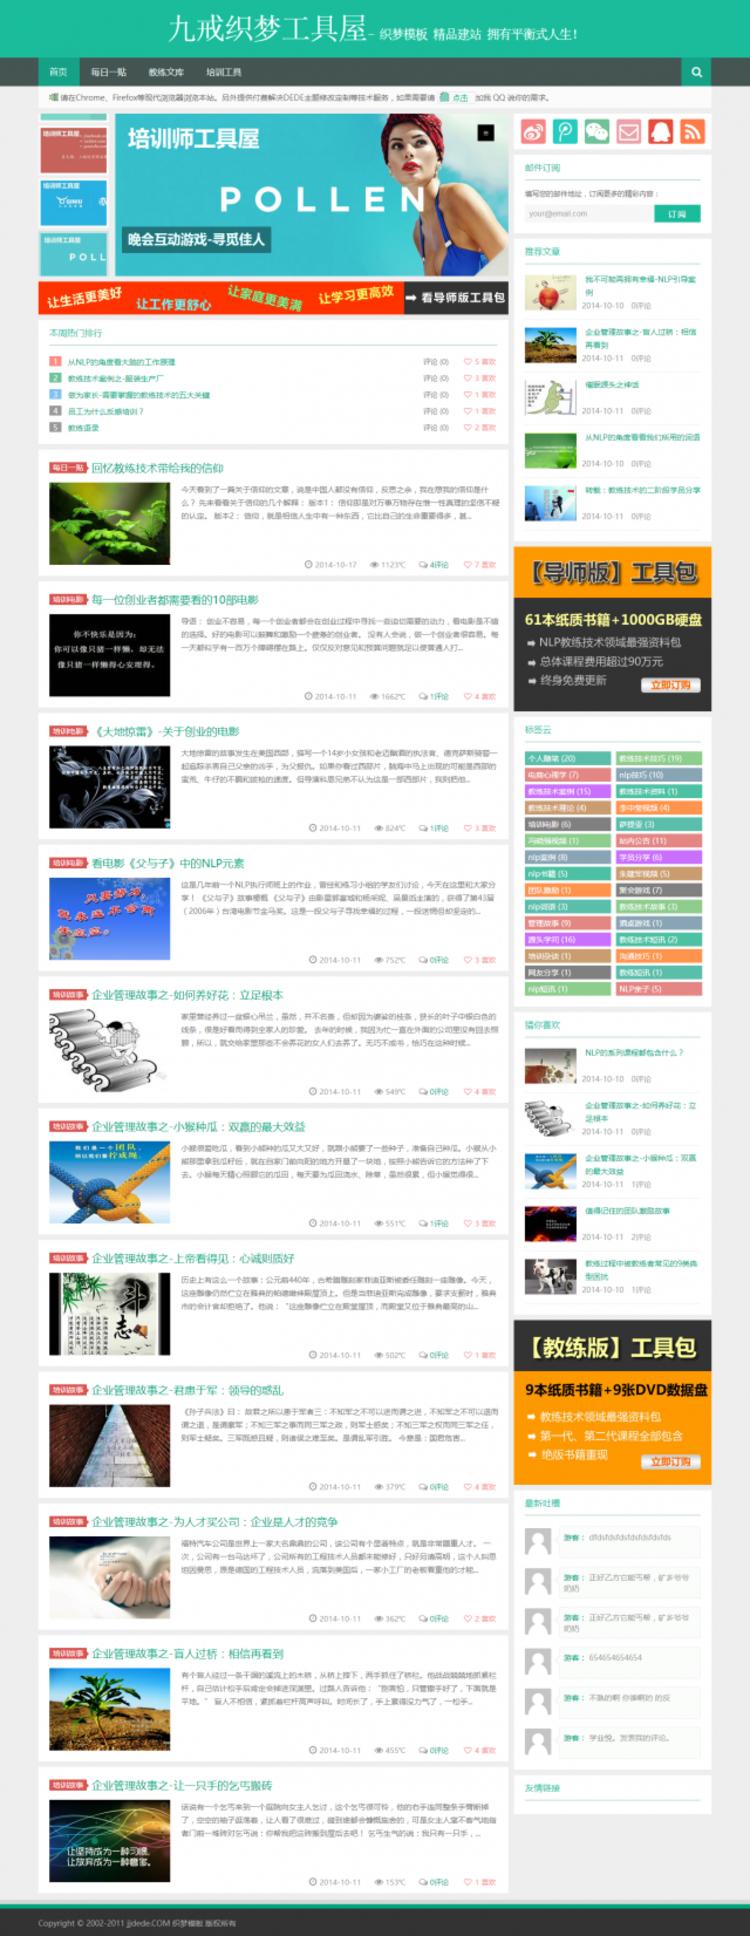 HTML5绿色响应式博客文章类织梦整站源码电脑端演示